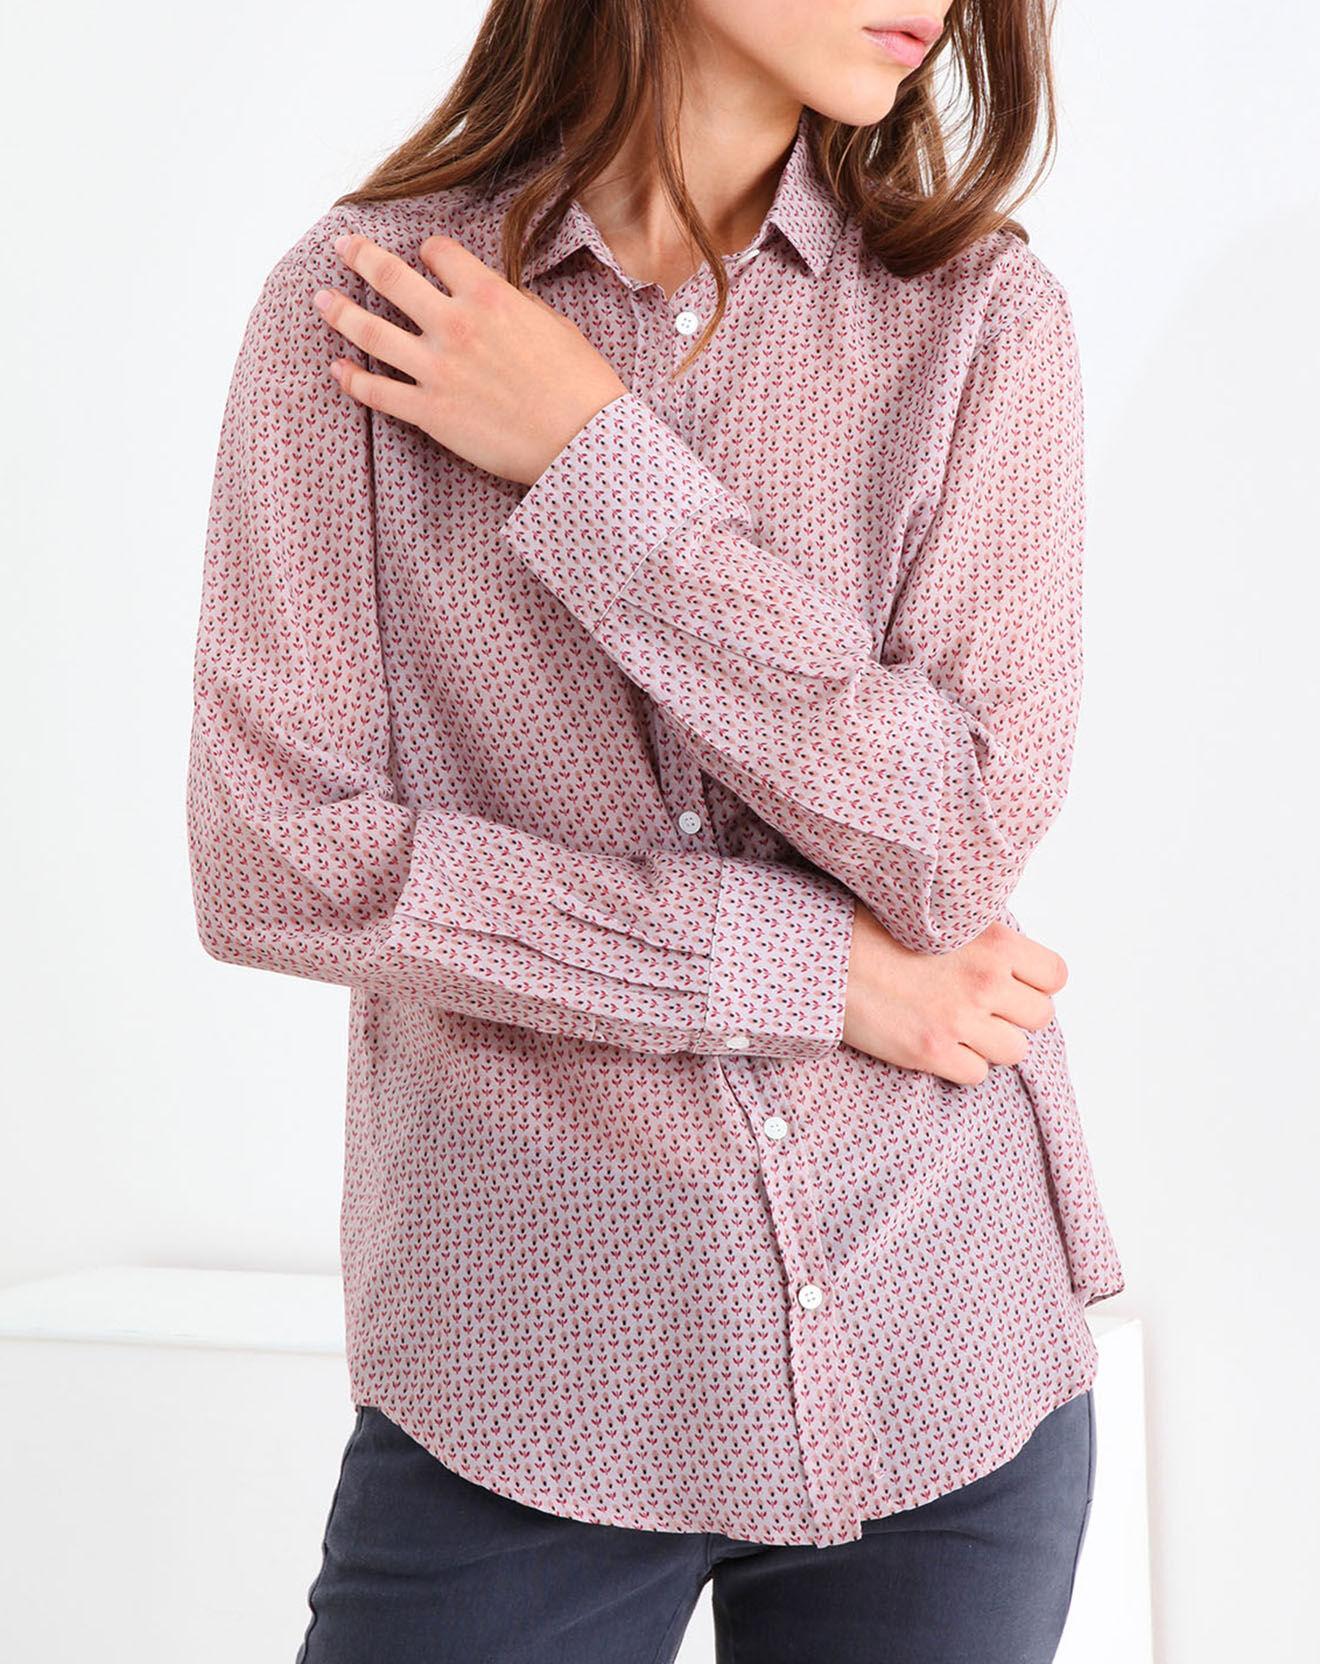 Chemise en Coton & Soie Corazon à motifs rose/rouge